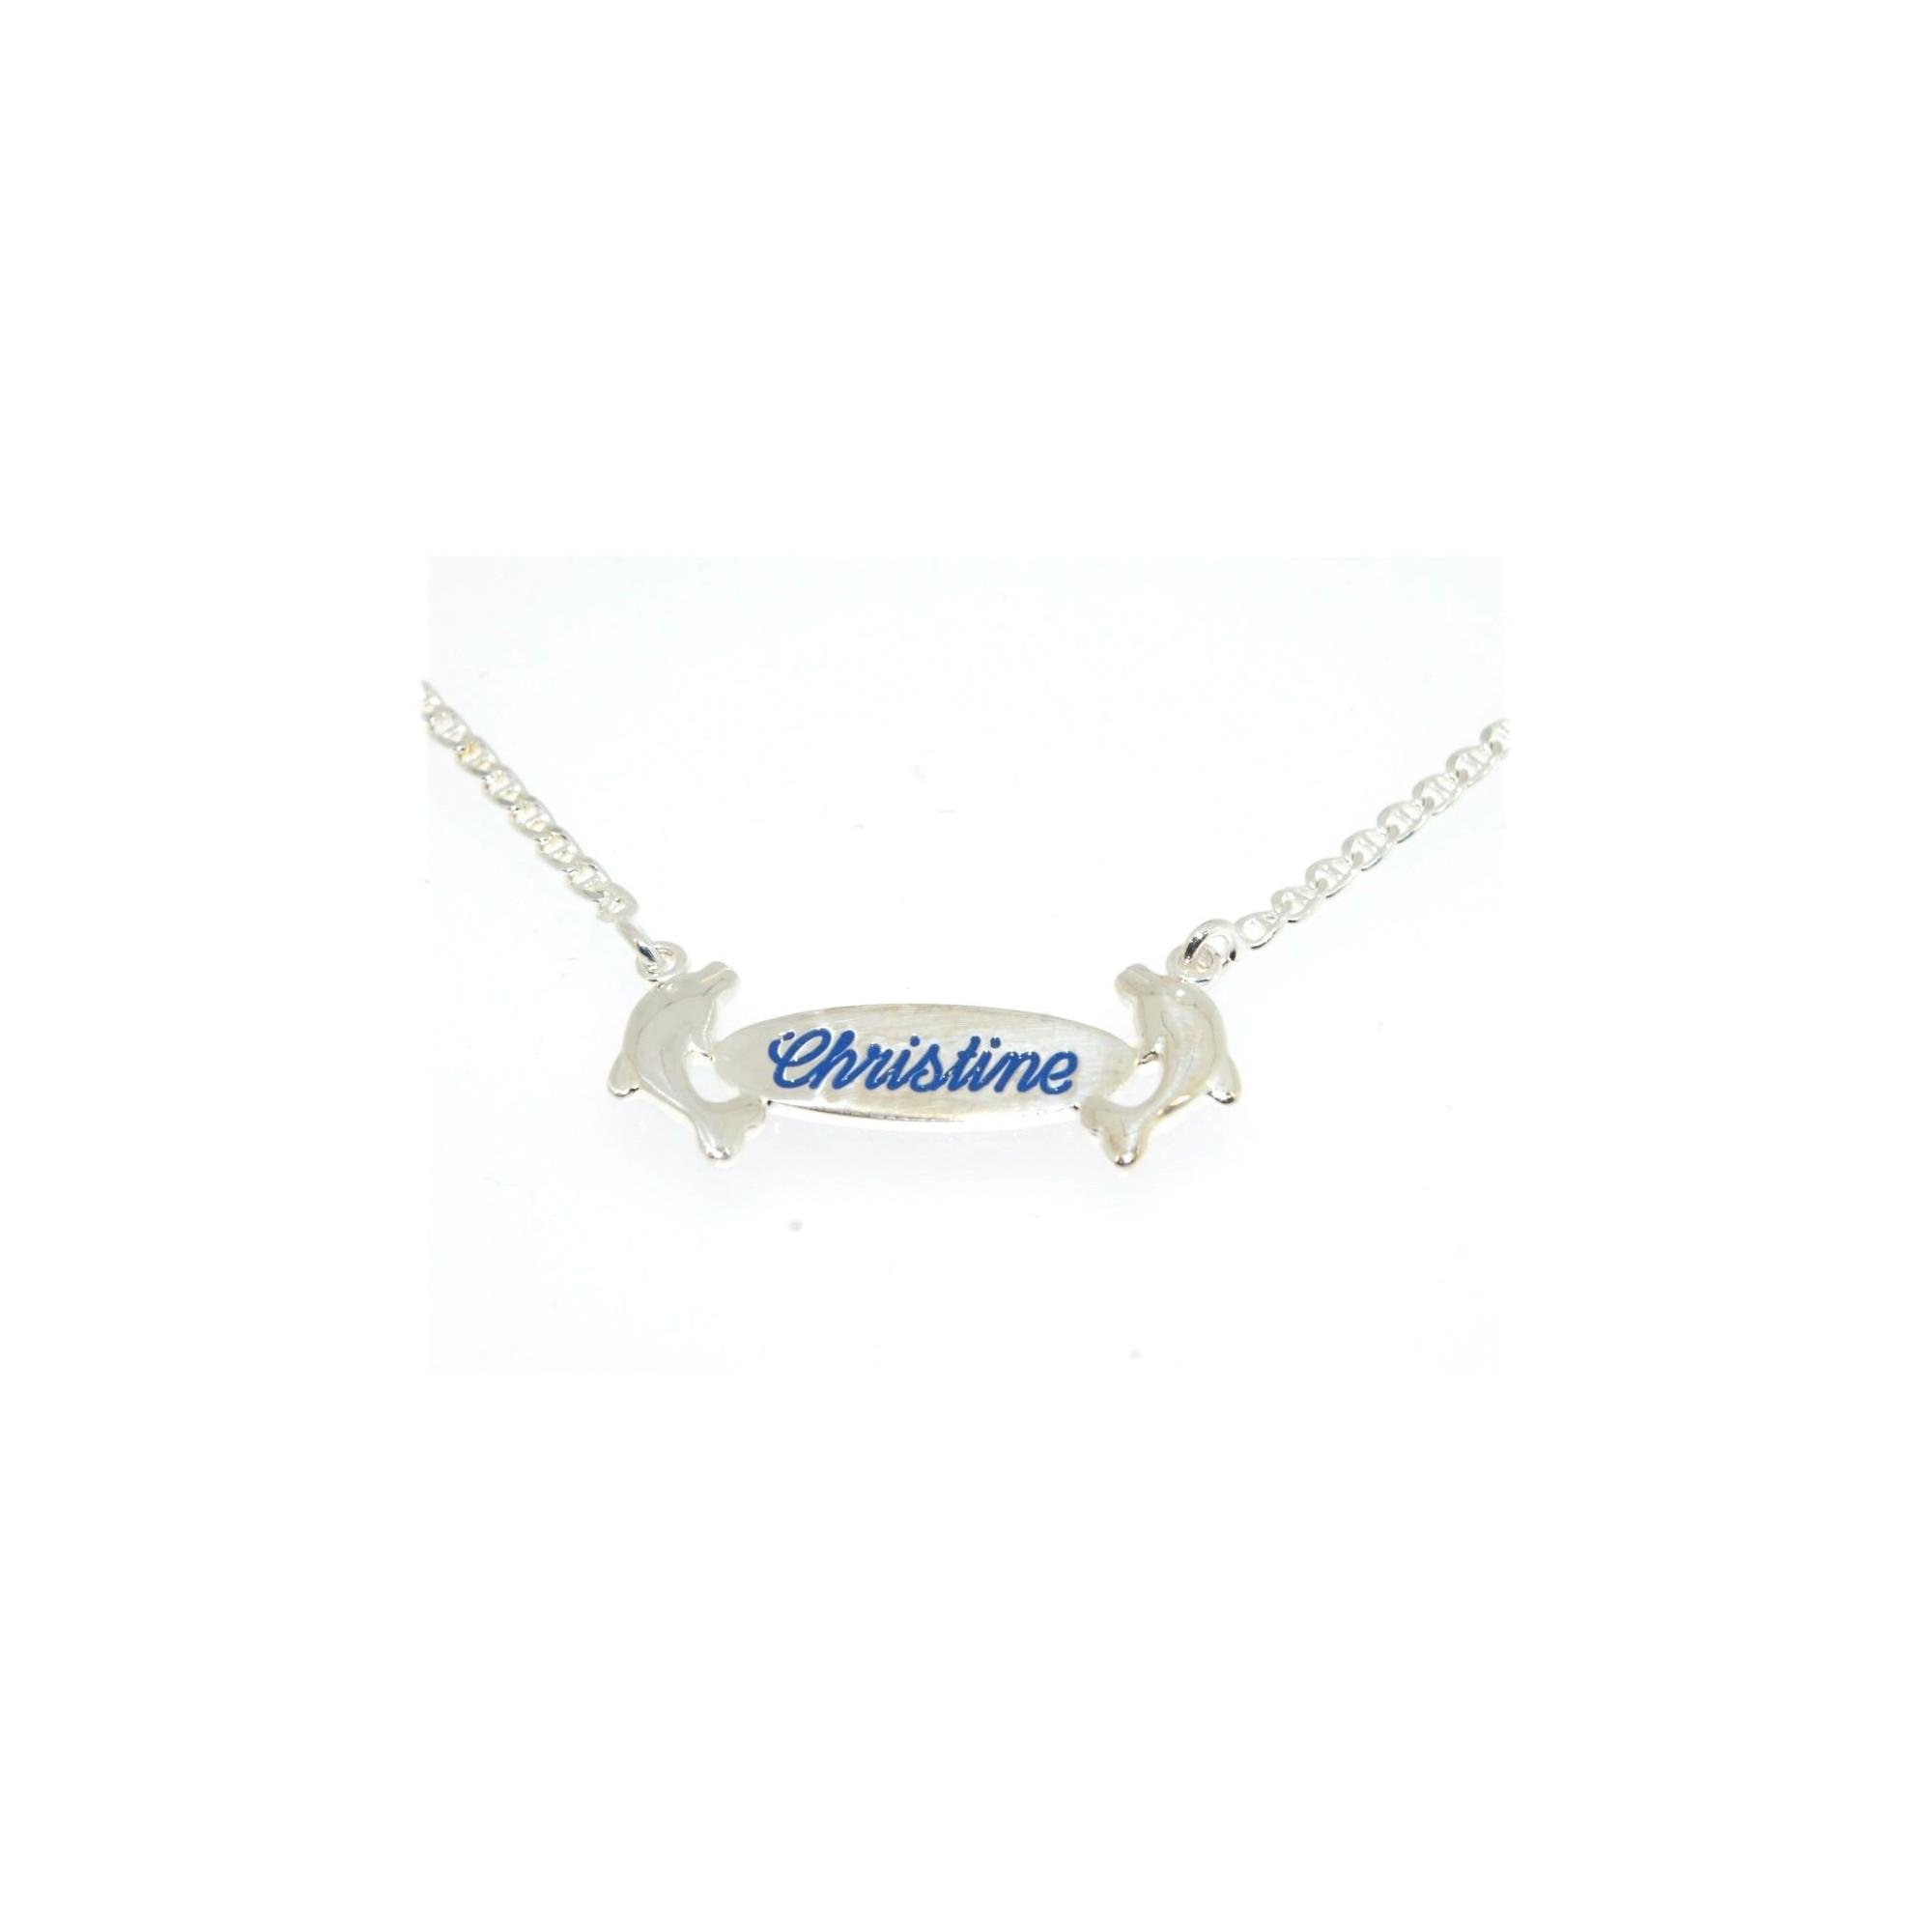 style moderne vente chaude en ligne grande variété de modèles Collier prénom argent dauphins avec gravure au choix